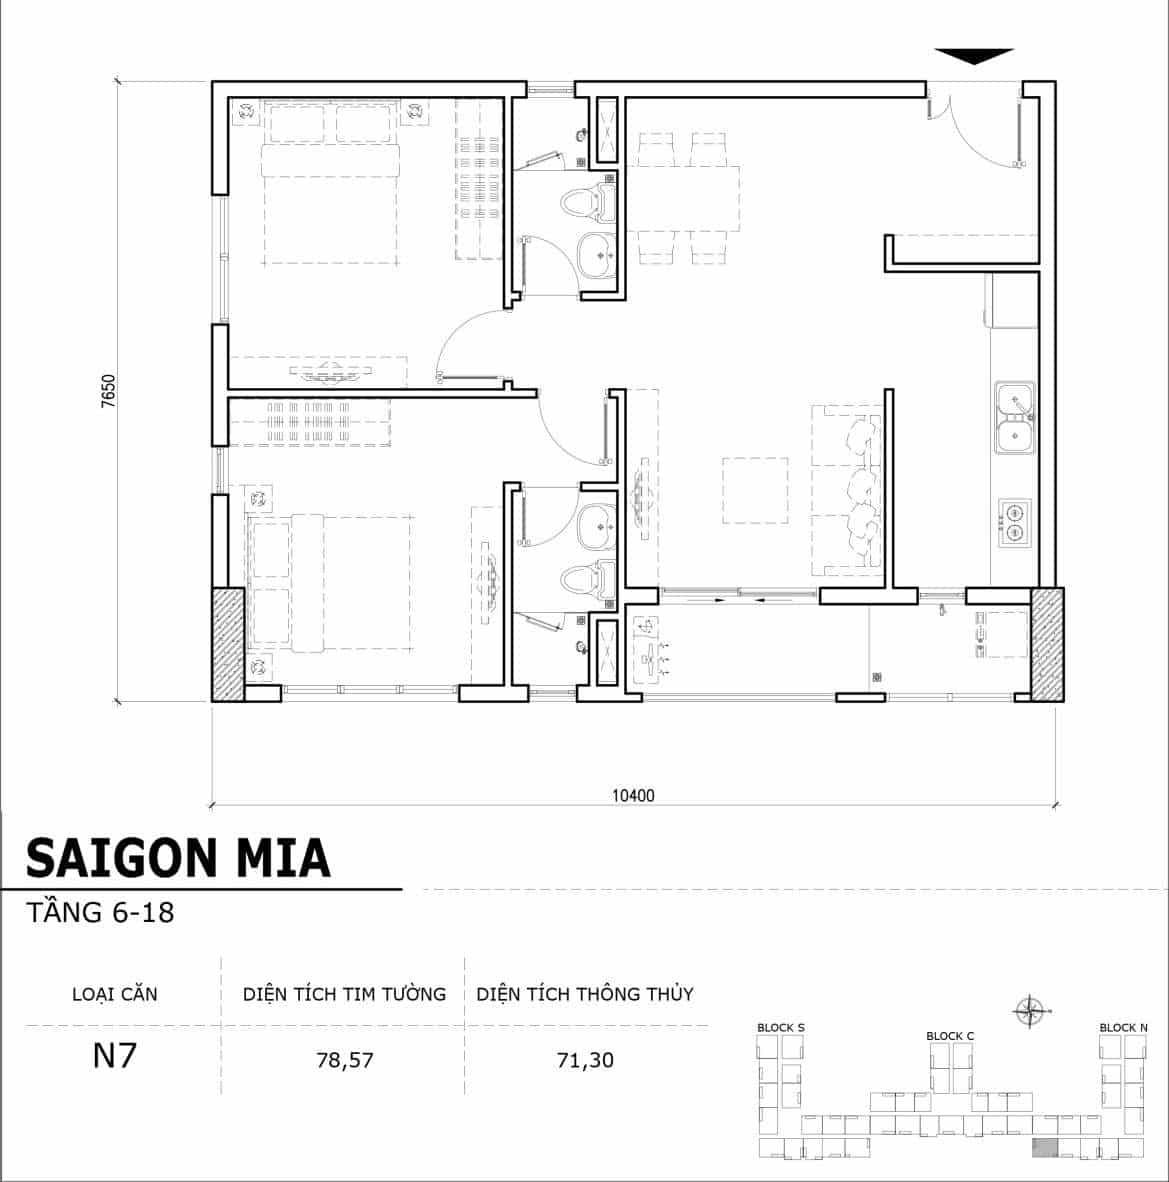 Chi tiết thiết kế căn hộ điển hình tầng 6-18 dự án Sài Gòn Mia - Căn N7